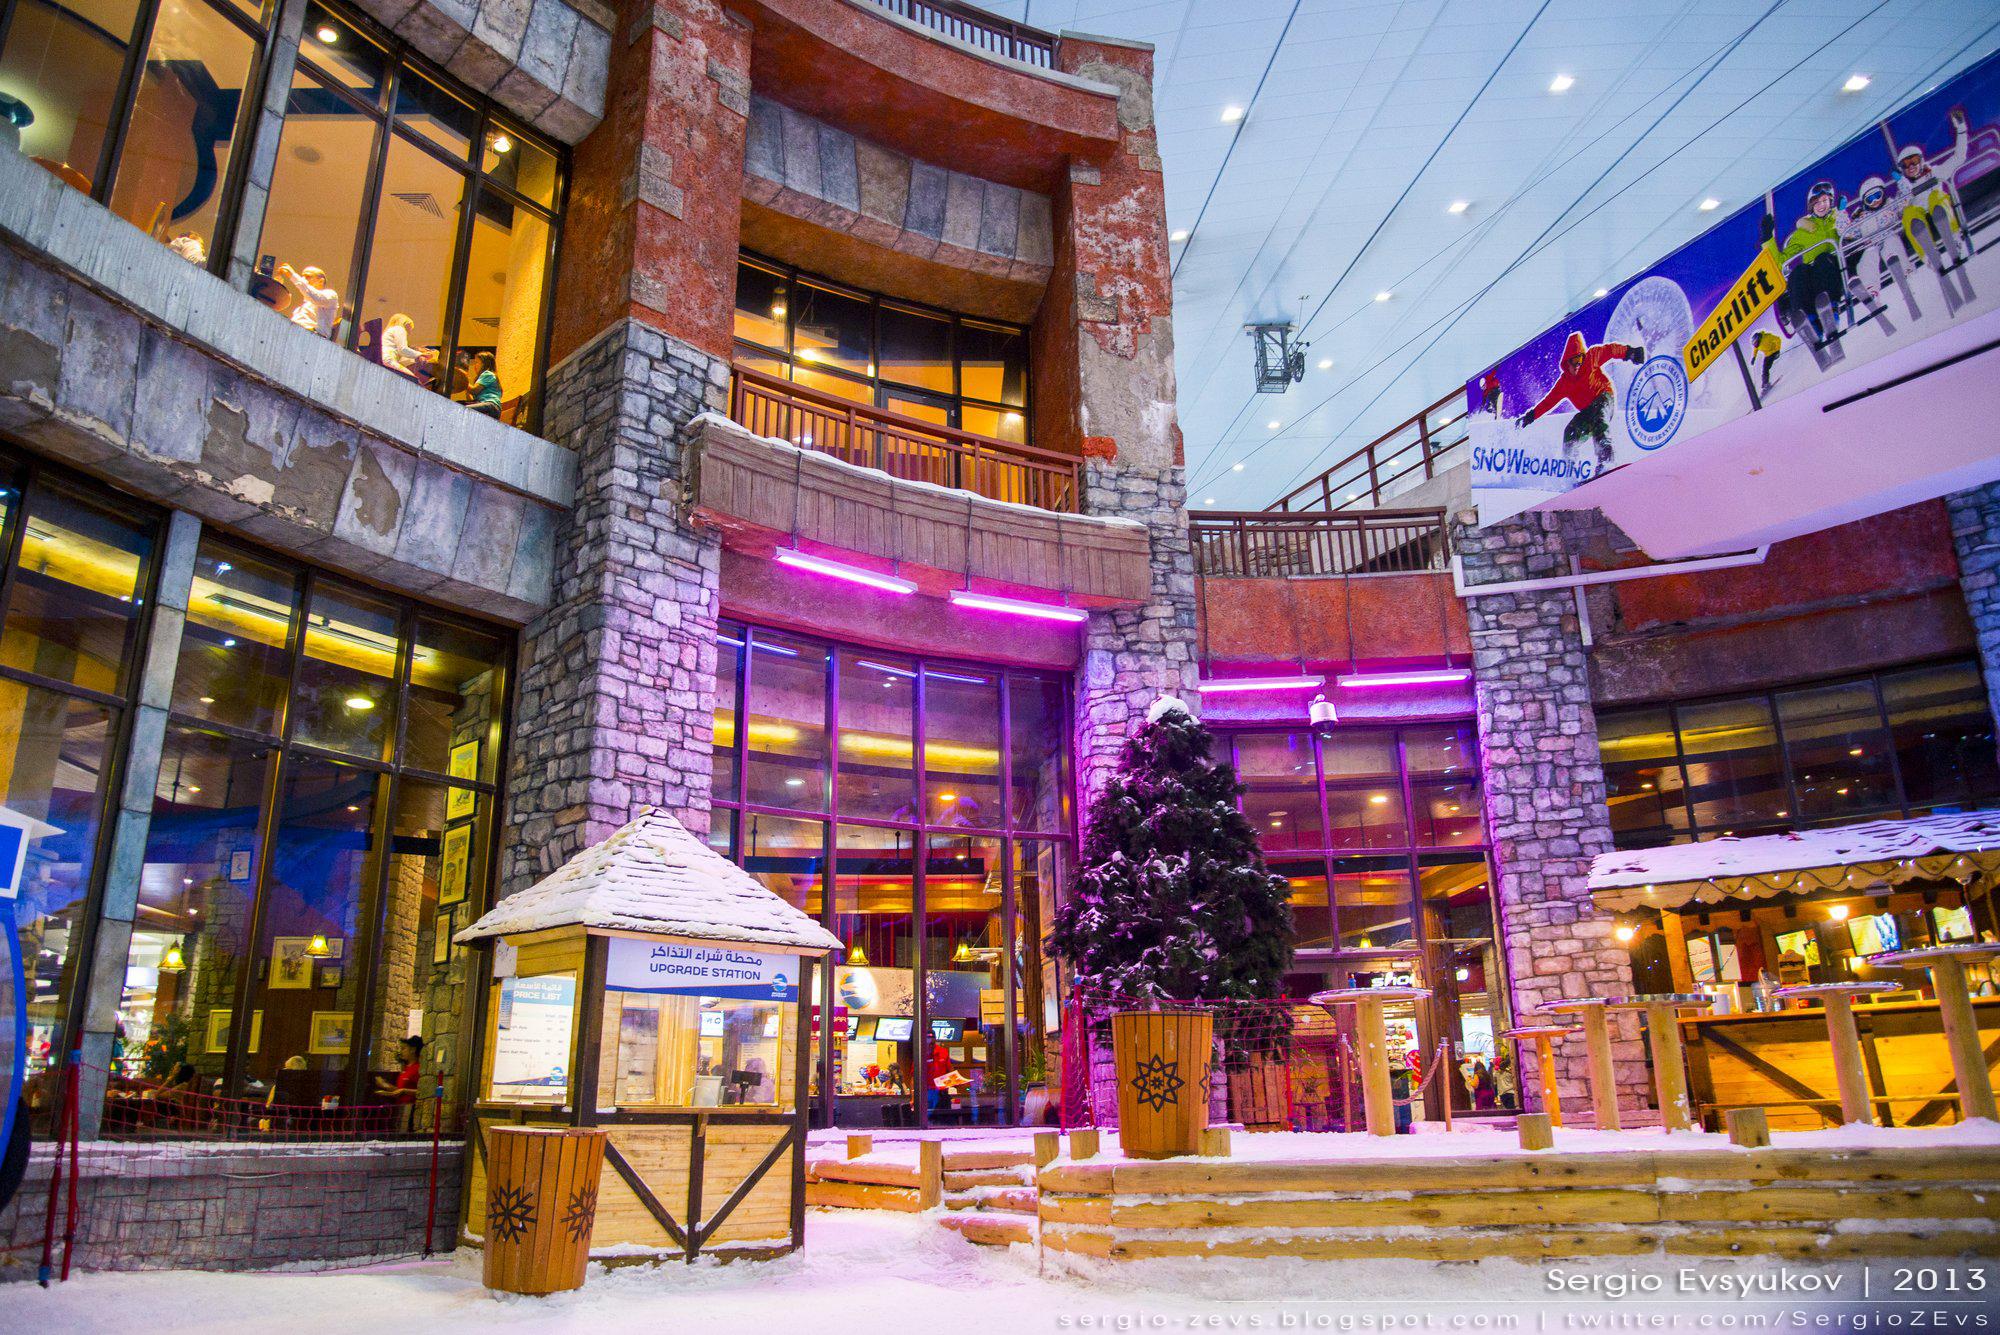 Горнолыжный курорт, ОАЭ, снег, необычно, Торговый Центр